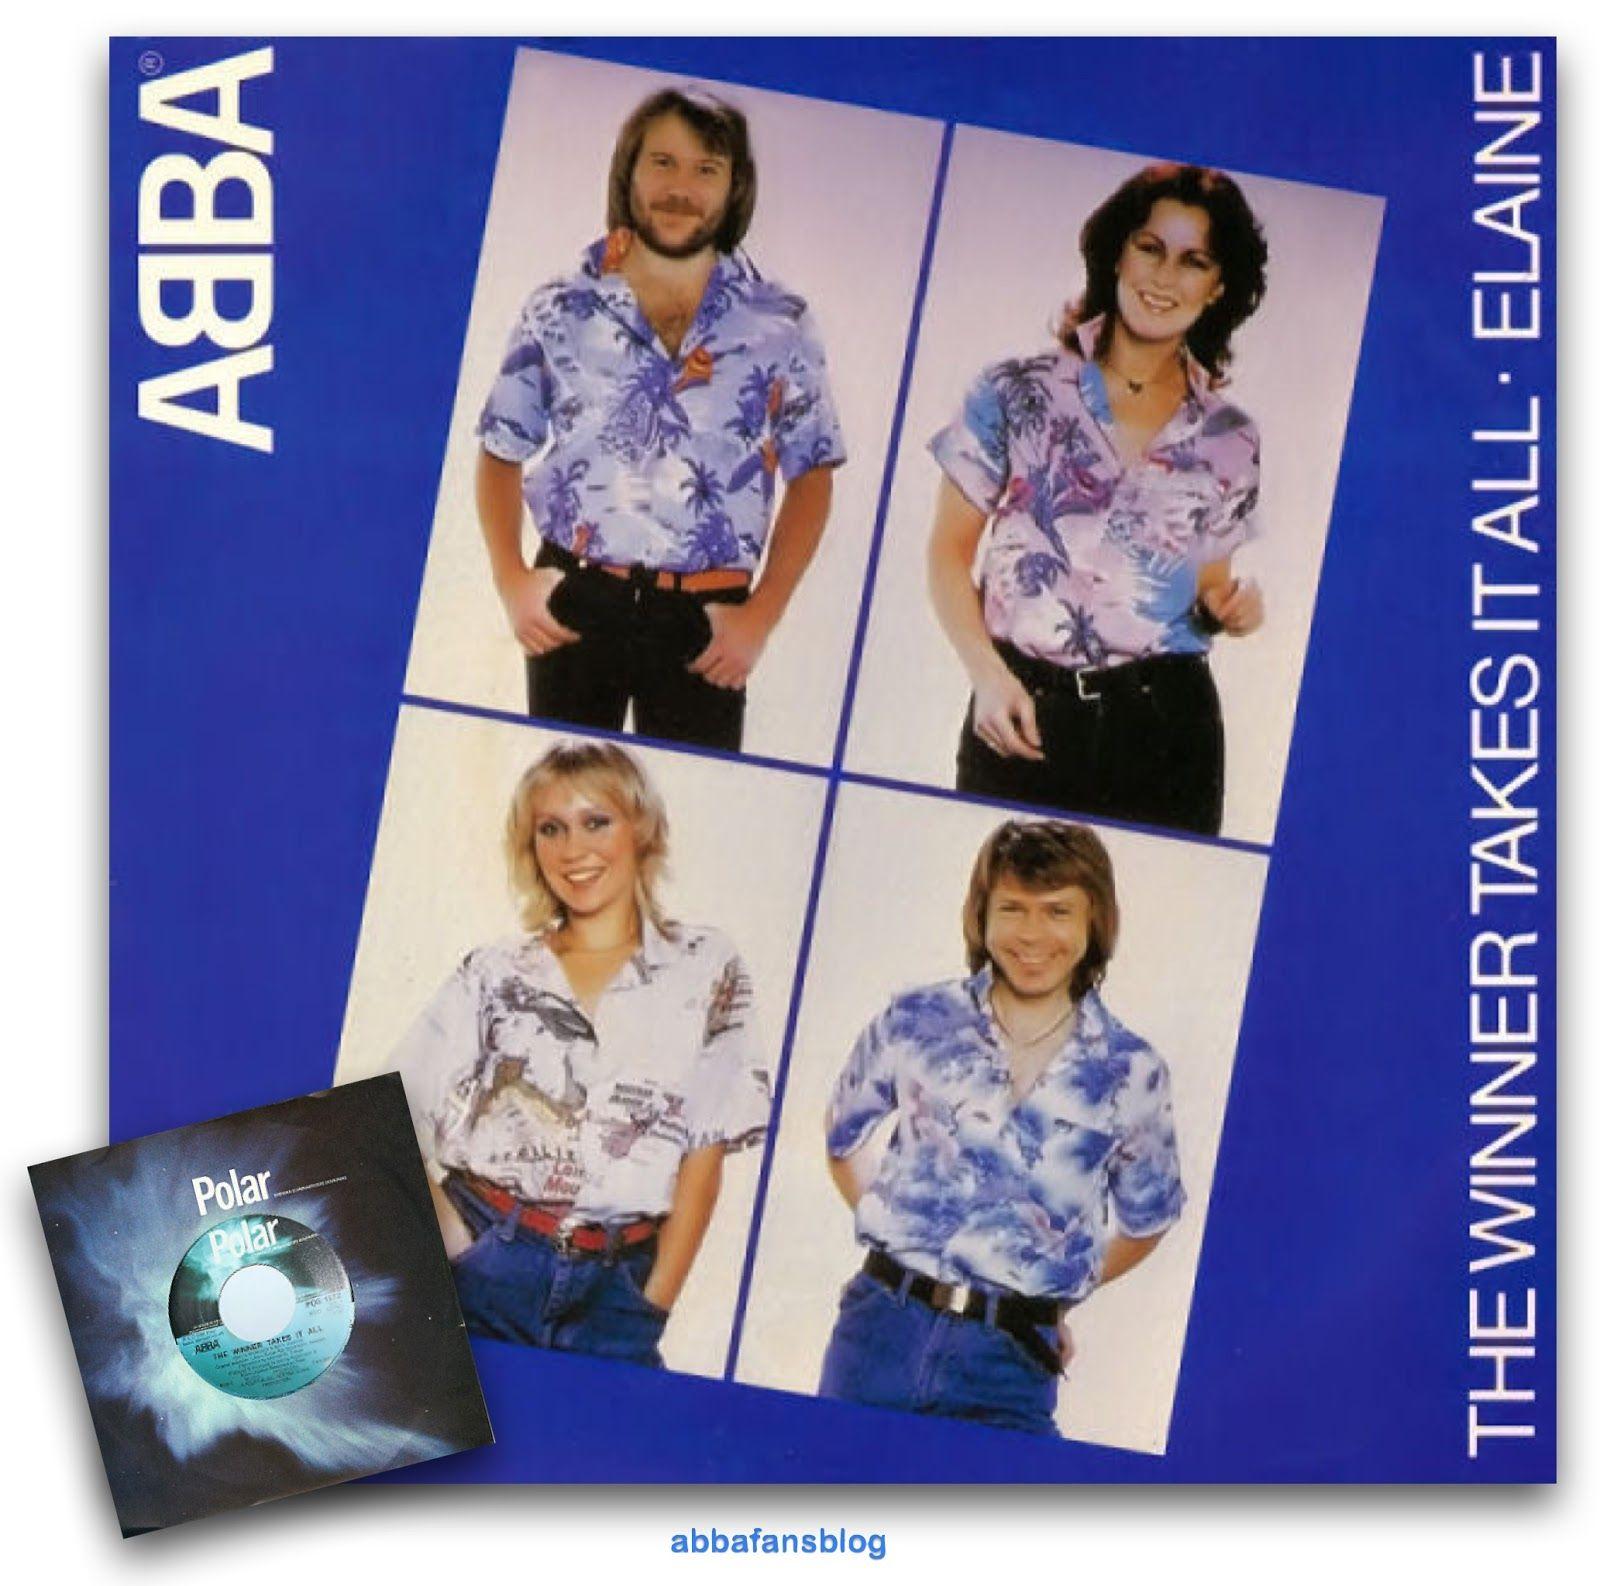 Abba Chart Dancing Queen Lyrics Queen Lyrics Album Covers